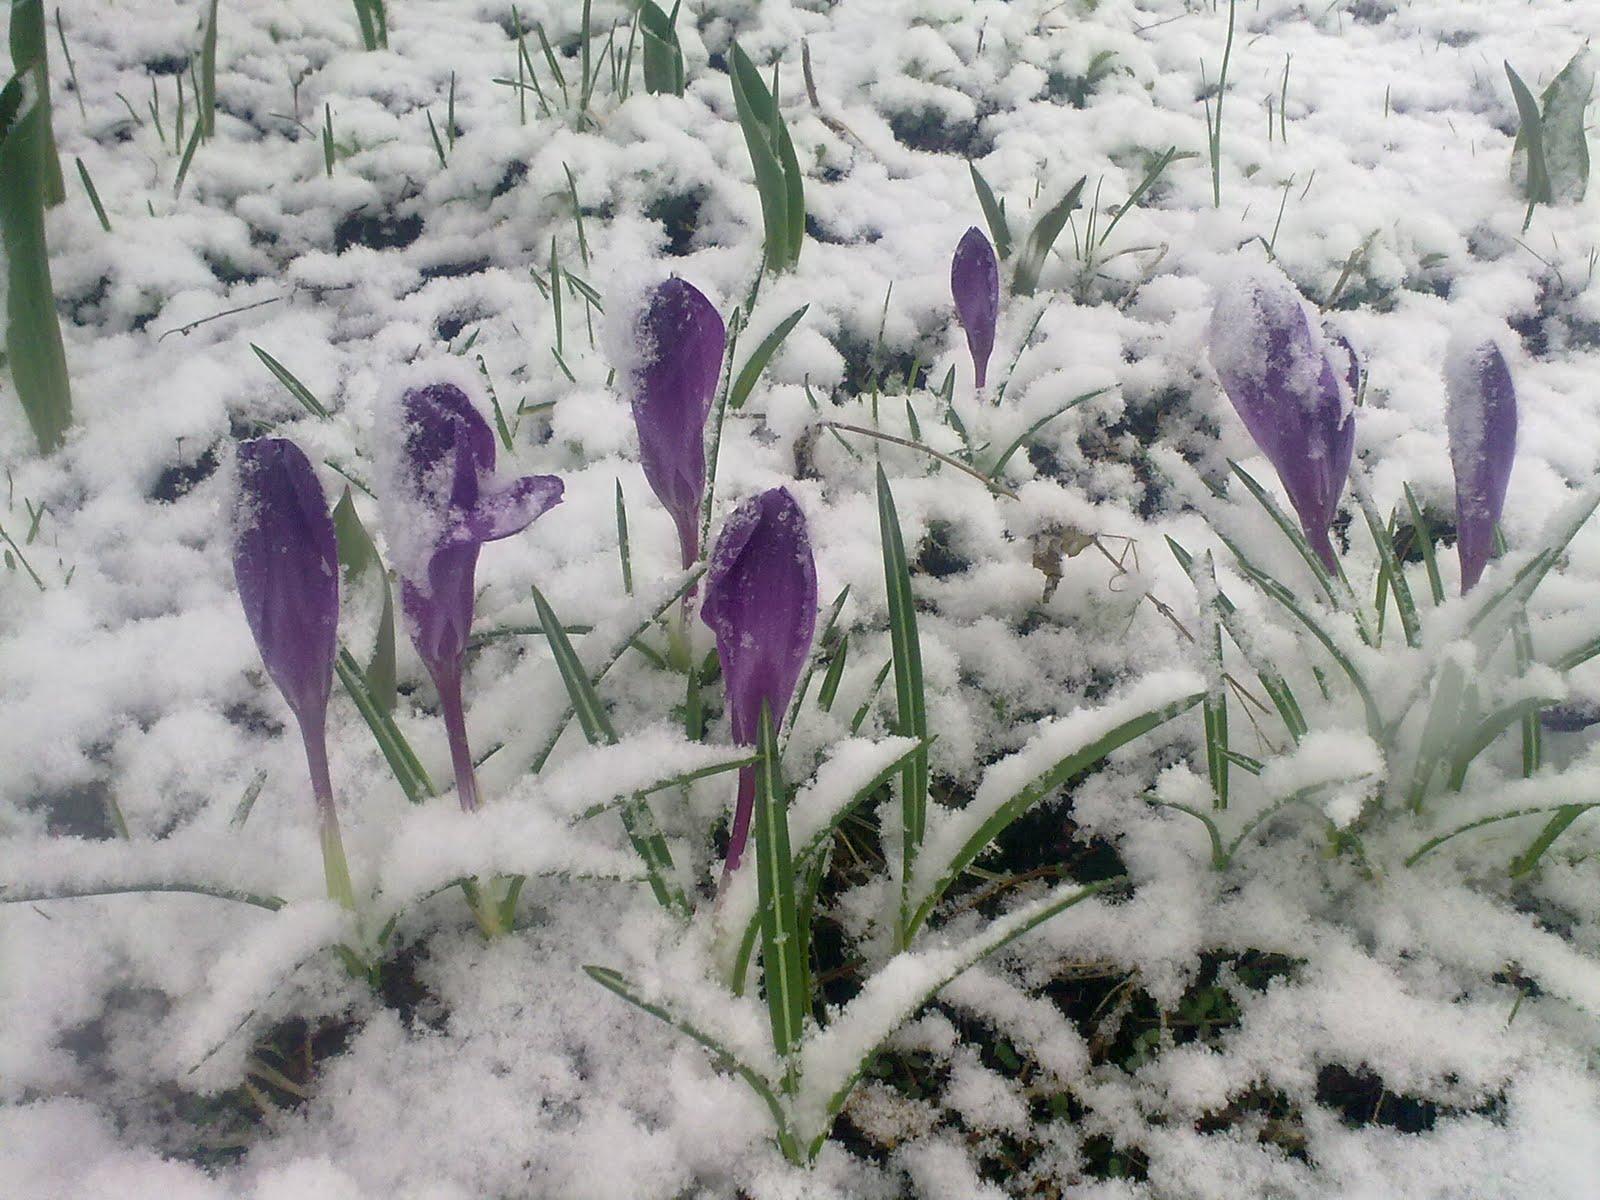 Bilderesultat for vår med snø